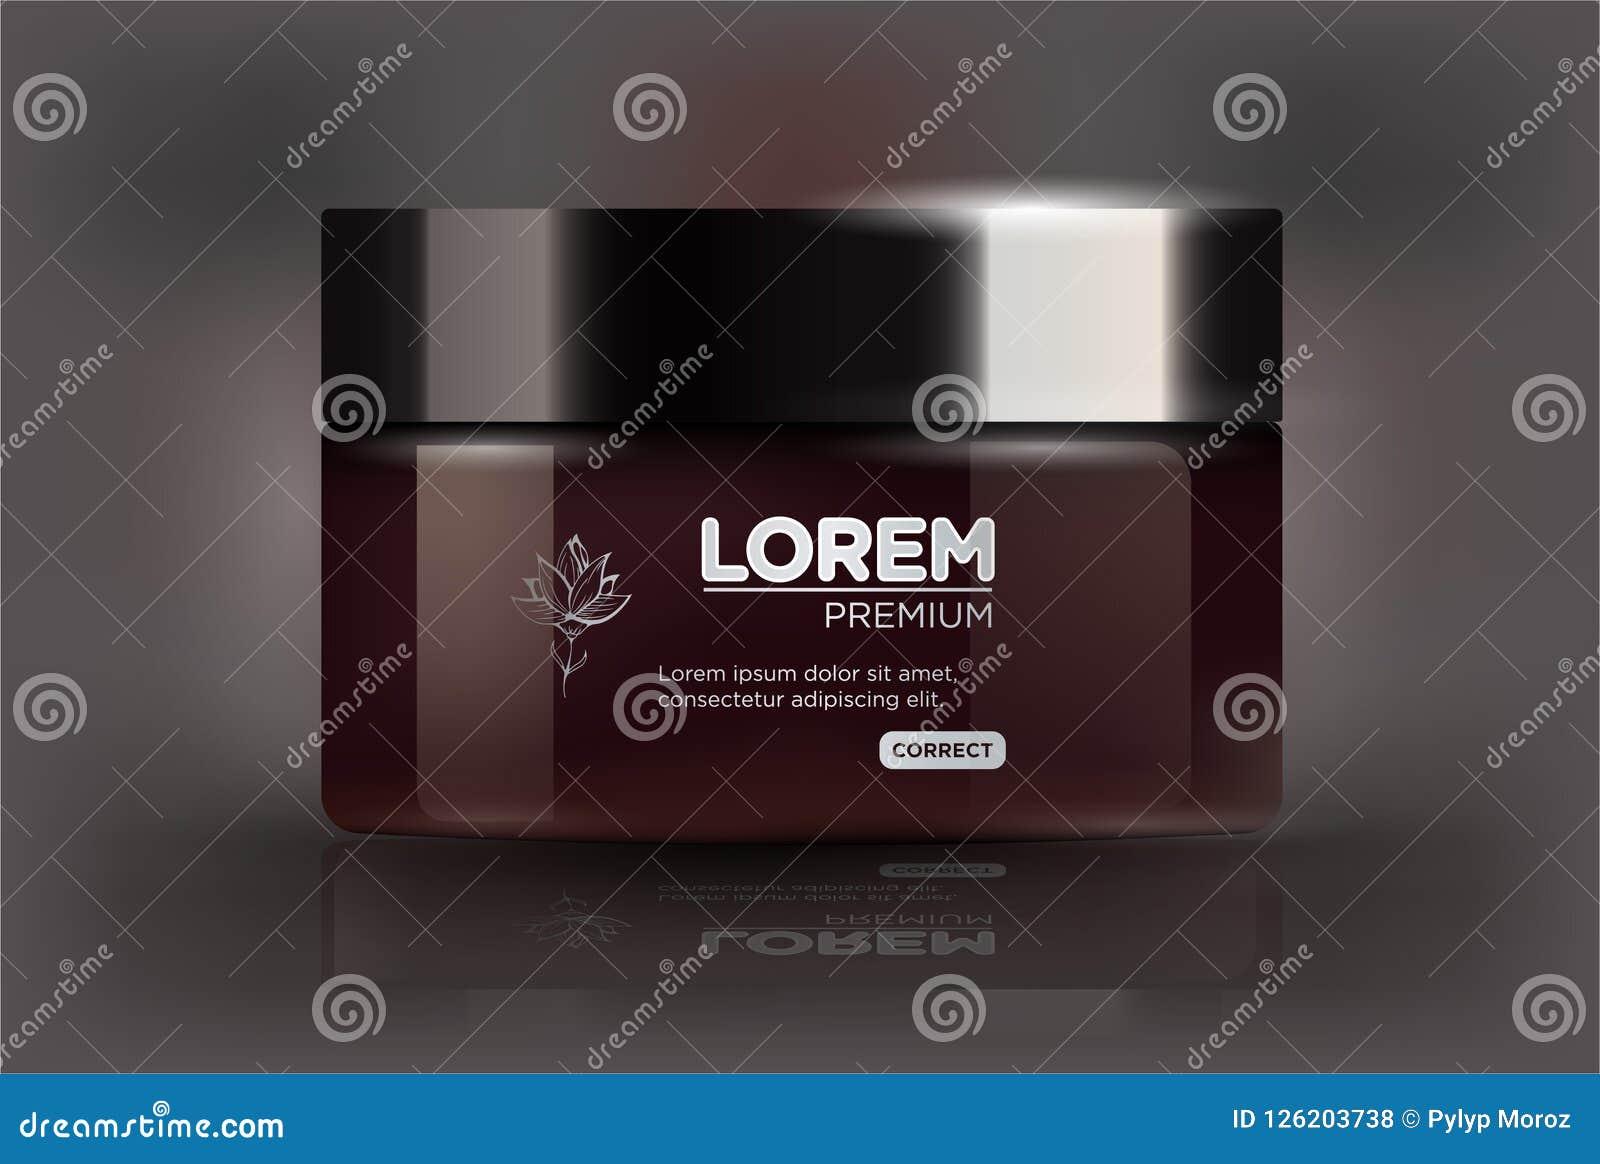 Frasco marrom plástico redondo com a tampa preta para cosméticos